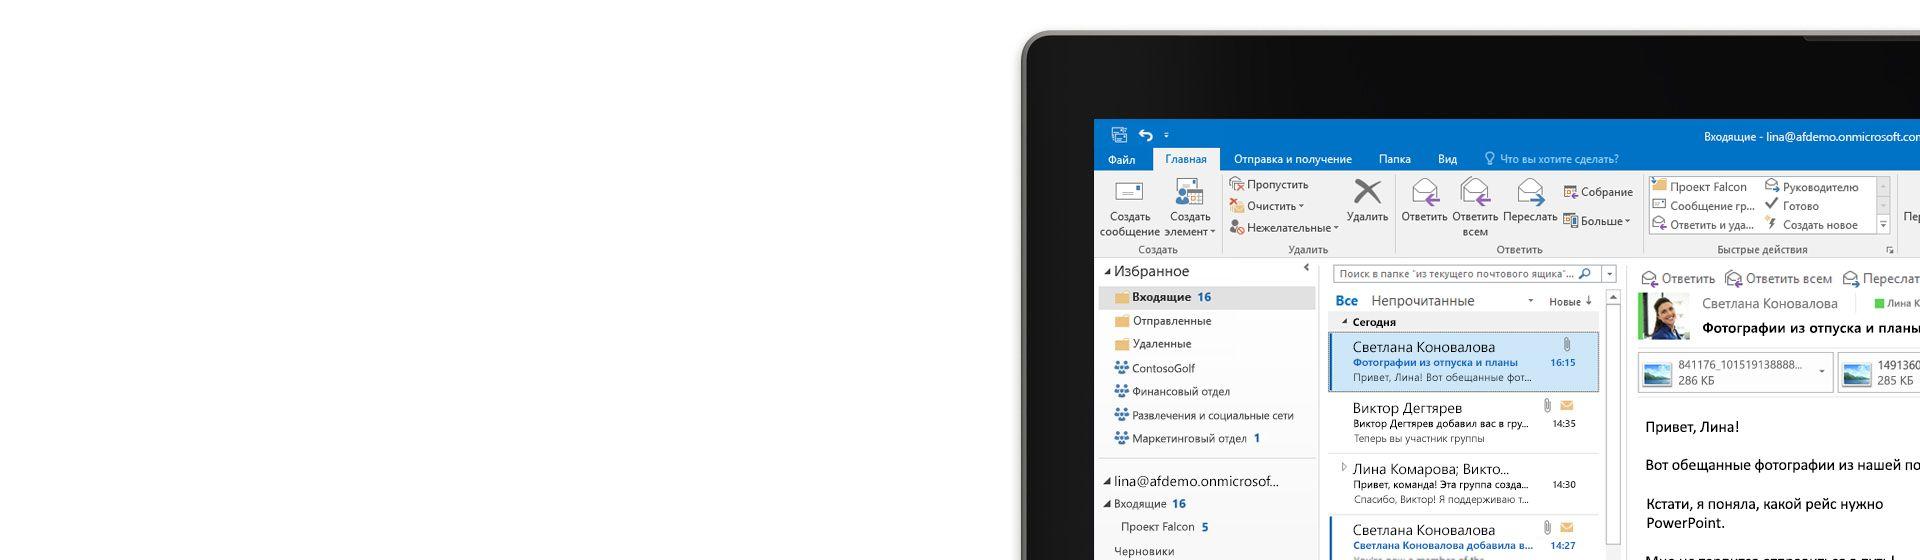 """Планшет, на котором открыта папка """"Входящие"""" в Microsoft Outlook2016 со списком сообщений в режиме предварительного просмотра"""